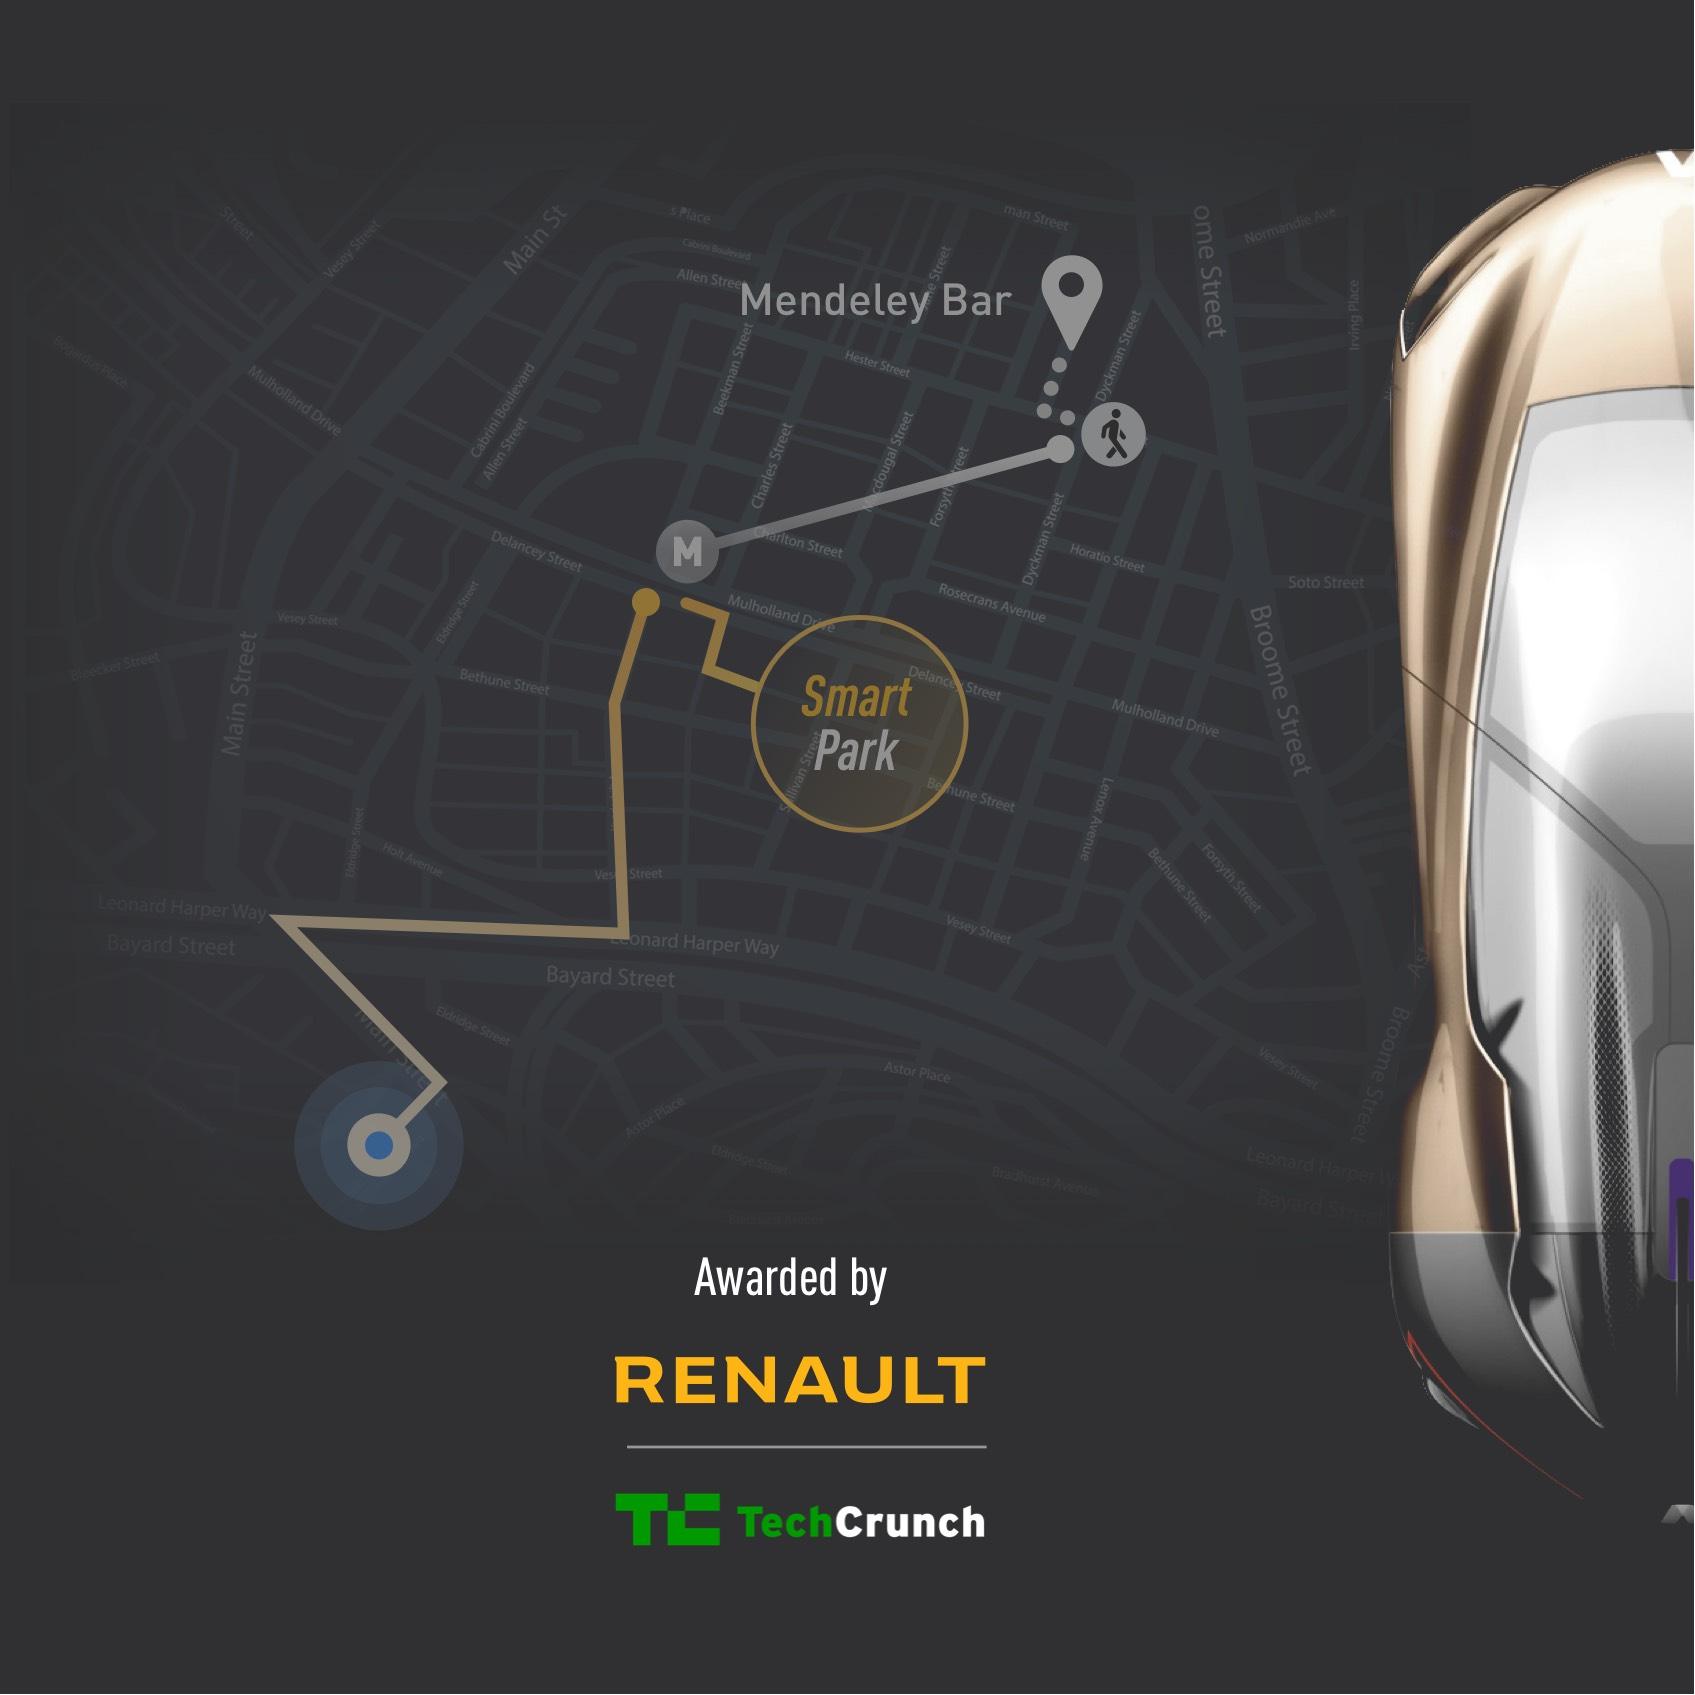 App for Renault Symbioz Autonomous Car